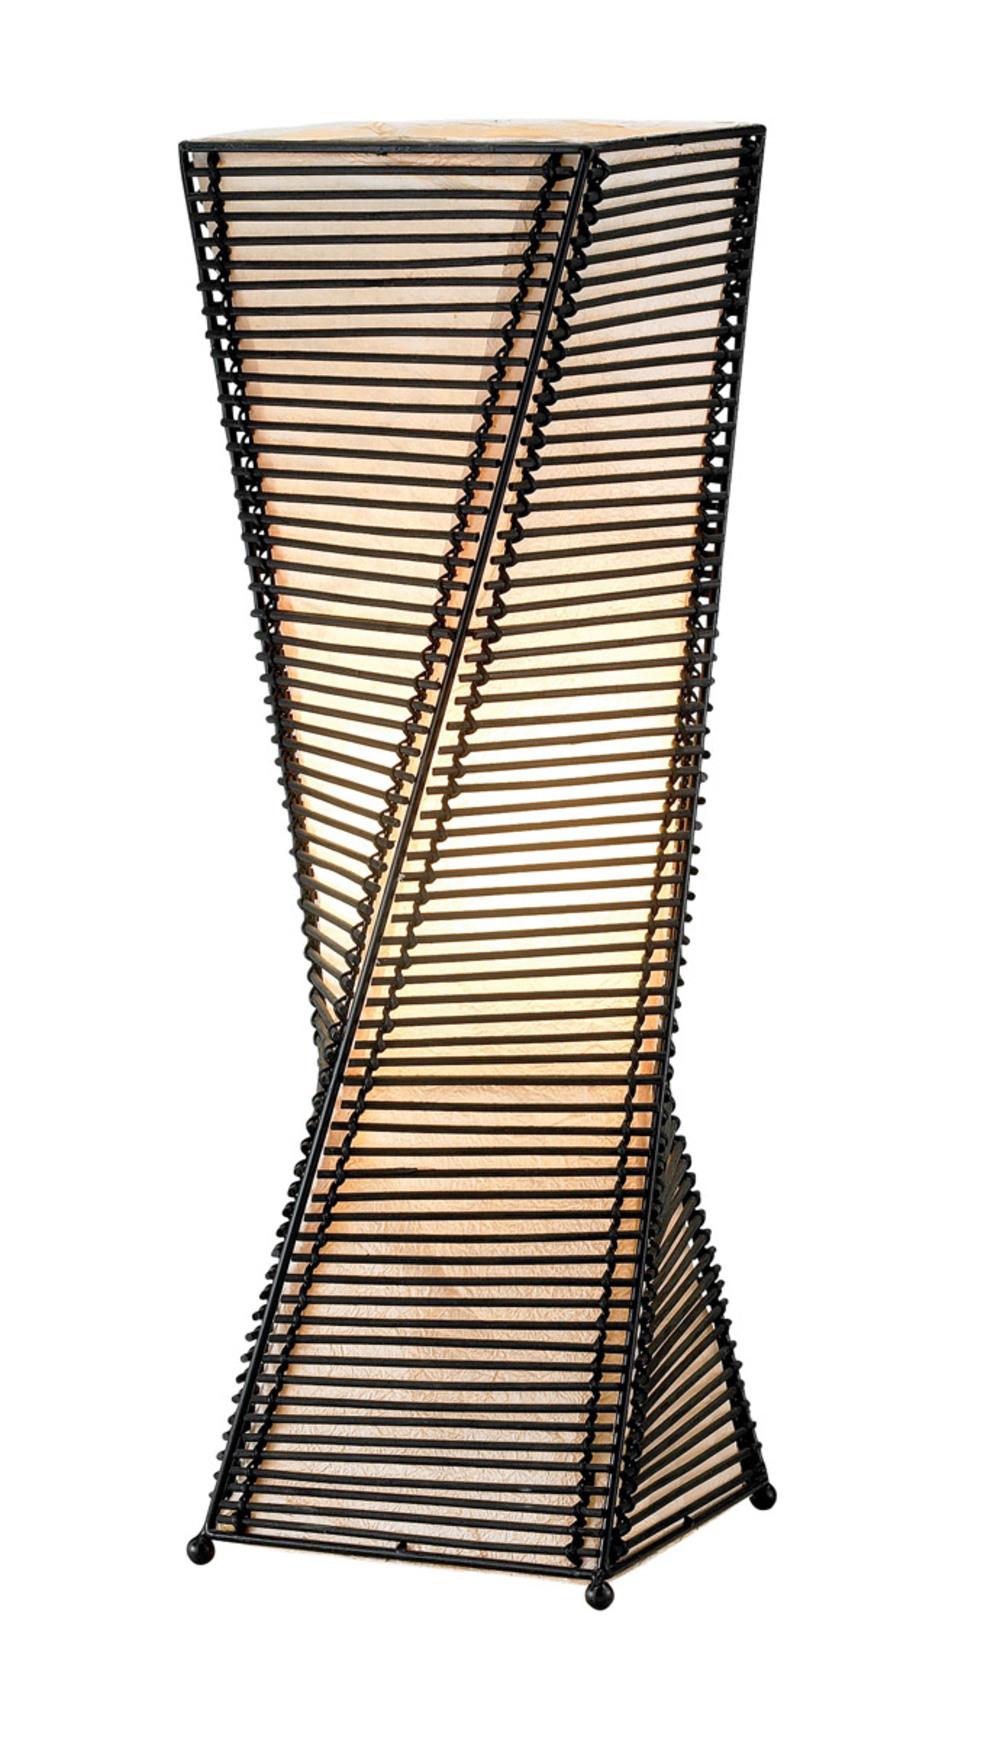 Adesso - Adesso Stix One Light Table Lantern in Black